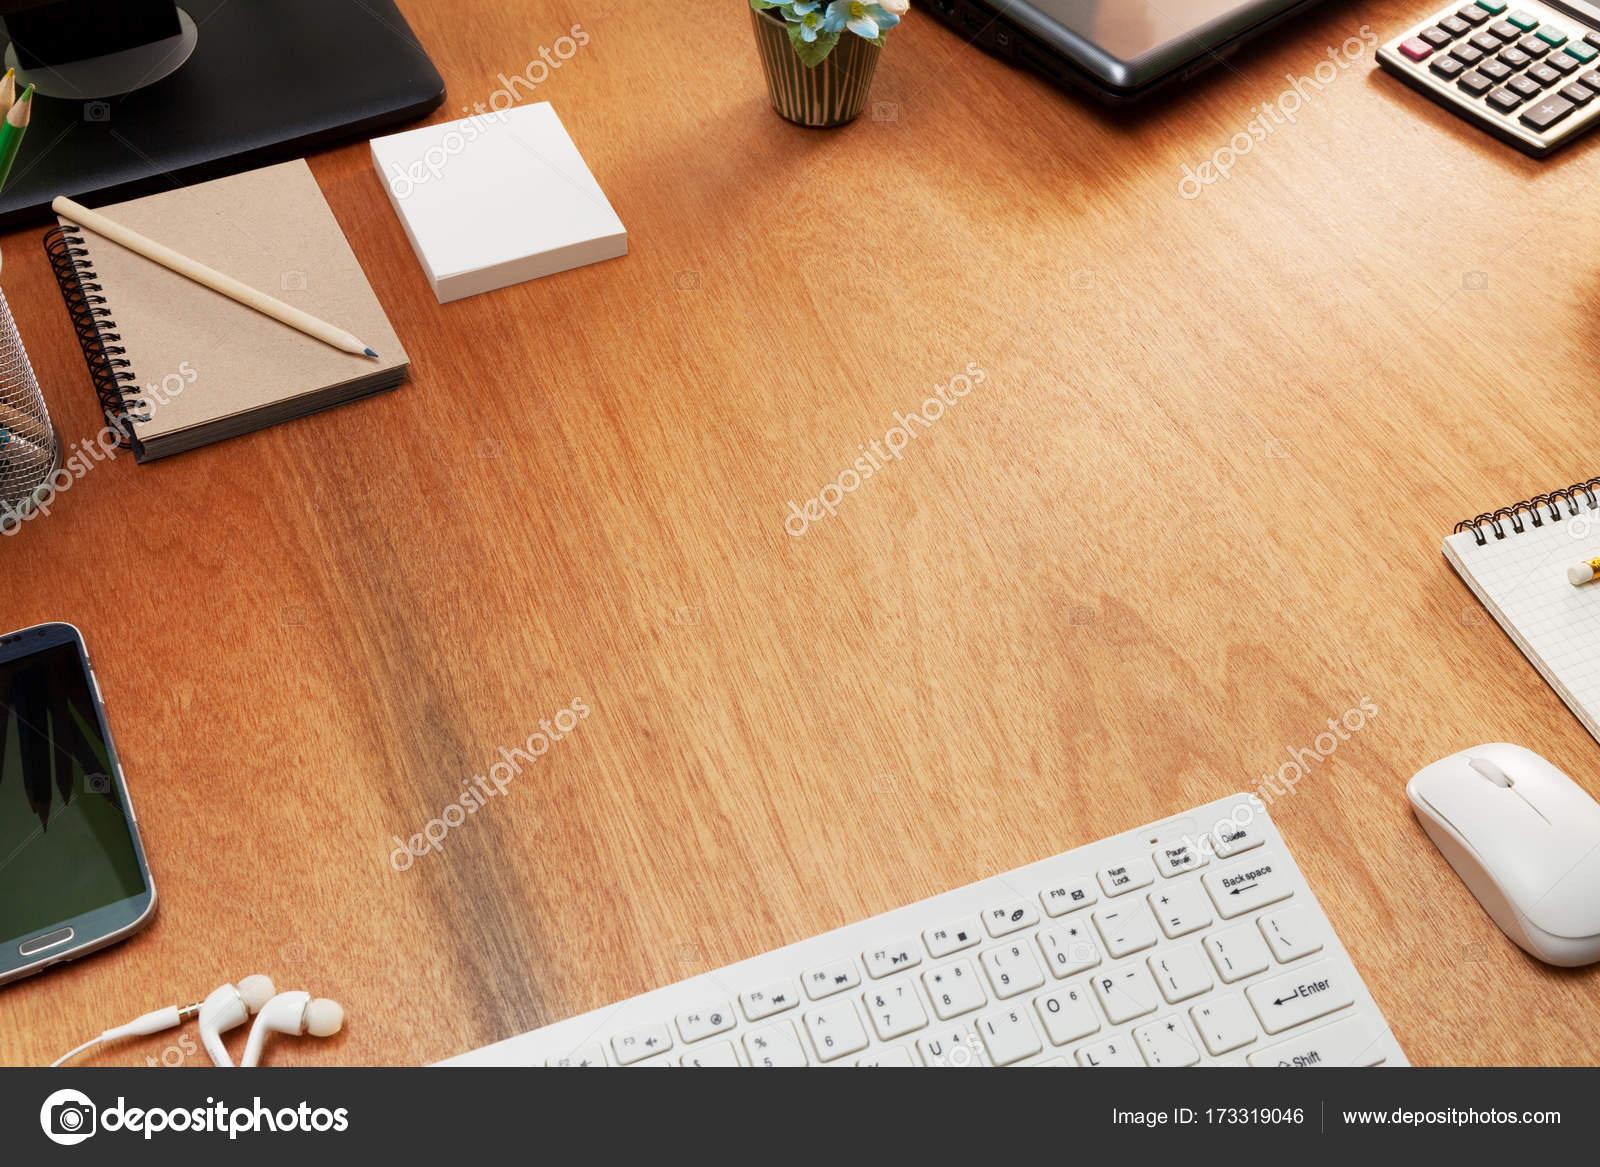 Tavolo Ufficio Legno : Tavolo in legno scrivania ufficio di lavoro di business e business